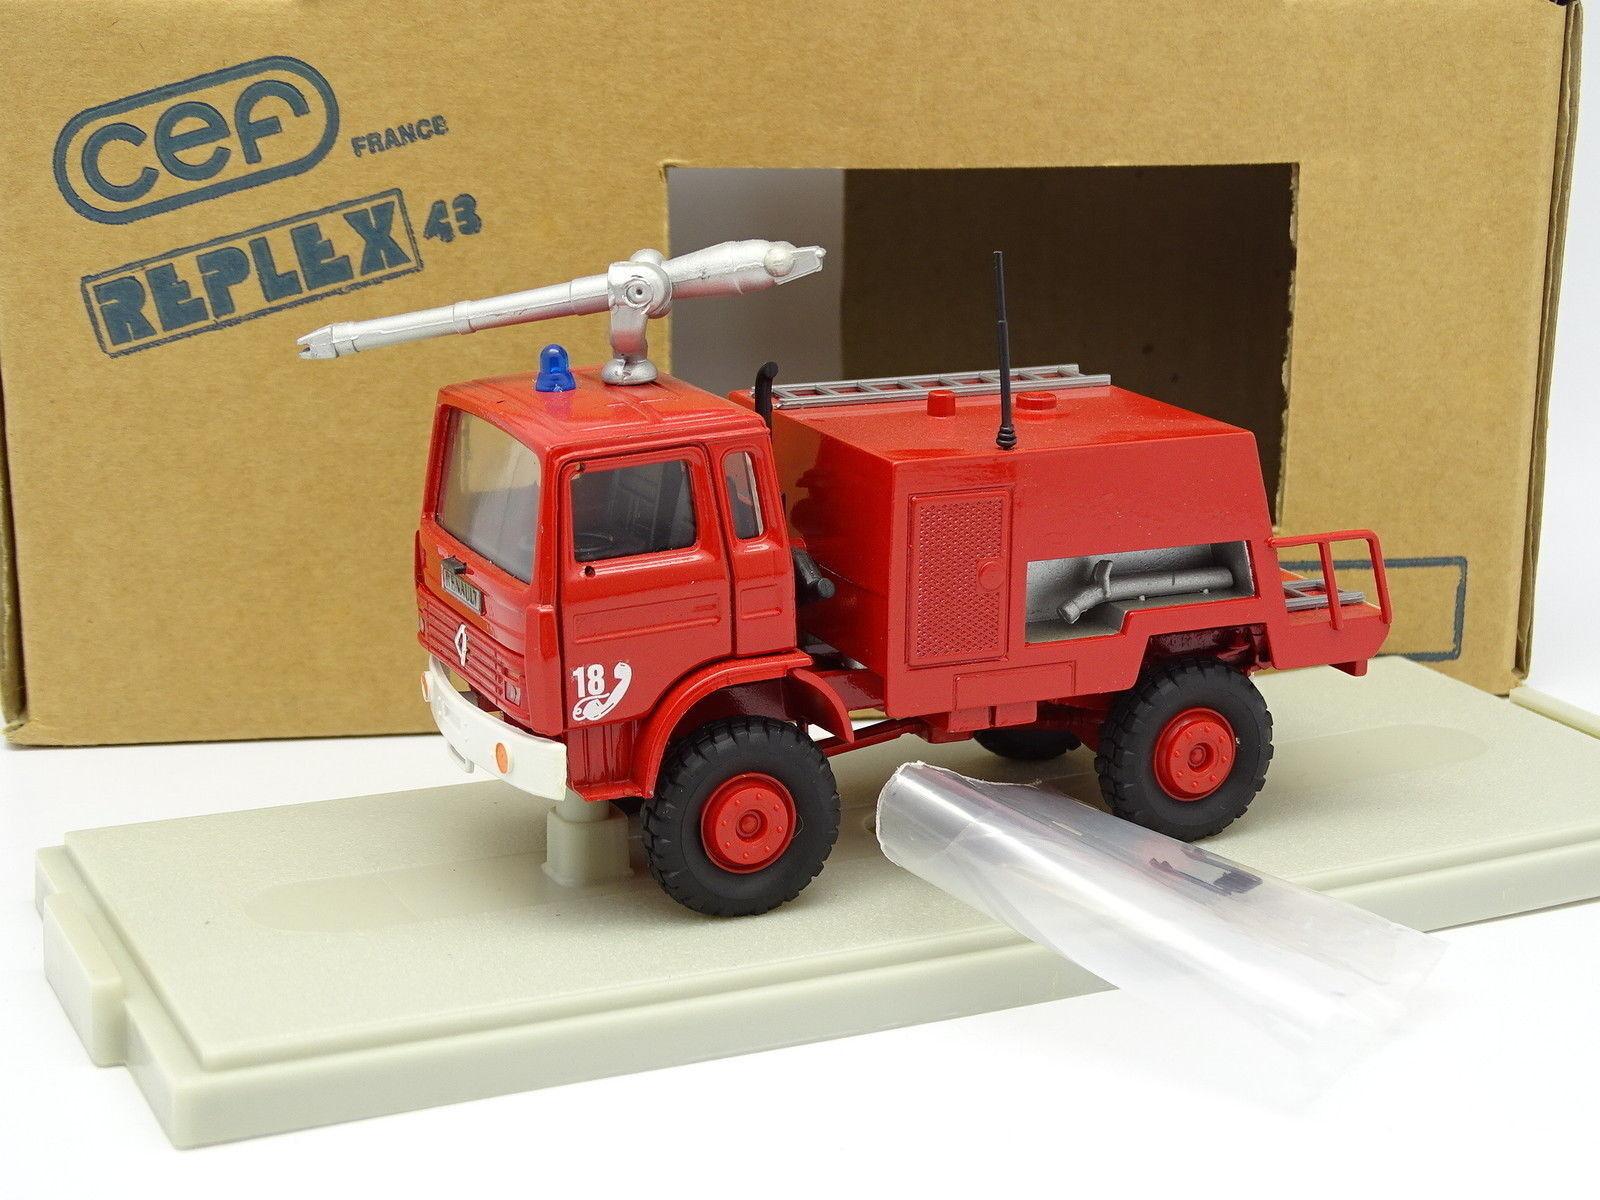 Cef replex 1   43 - renault ivr - geländewagen vor - werfer wasser feuerwehr